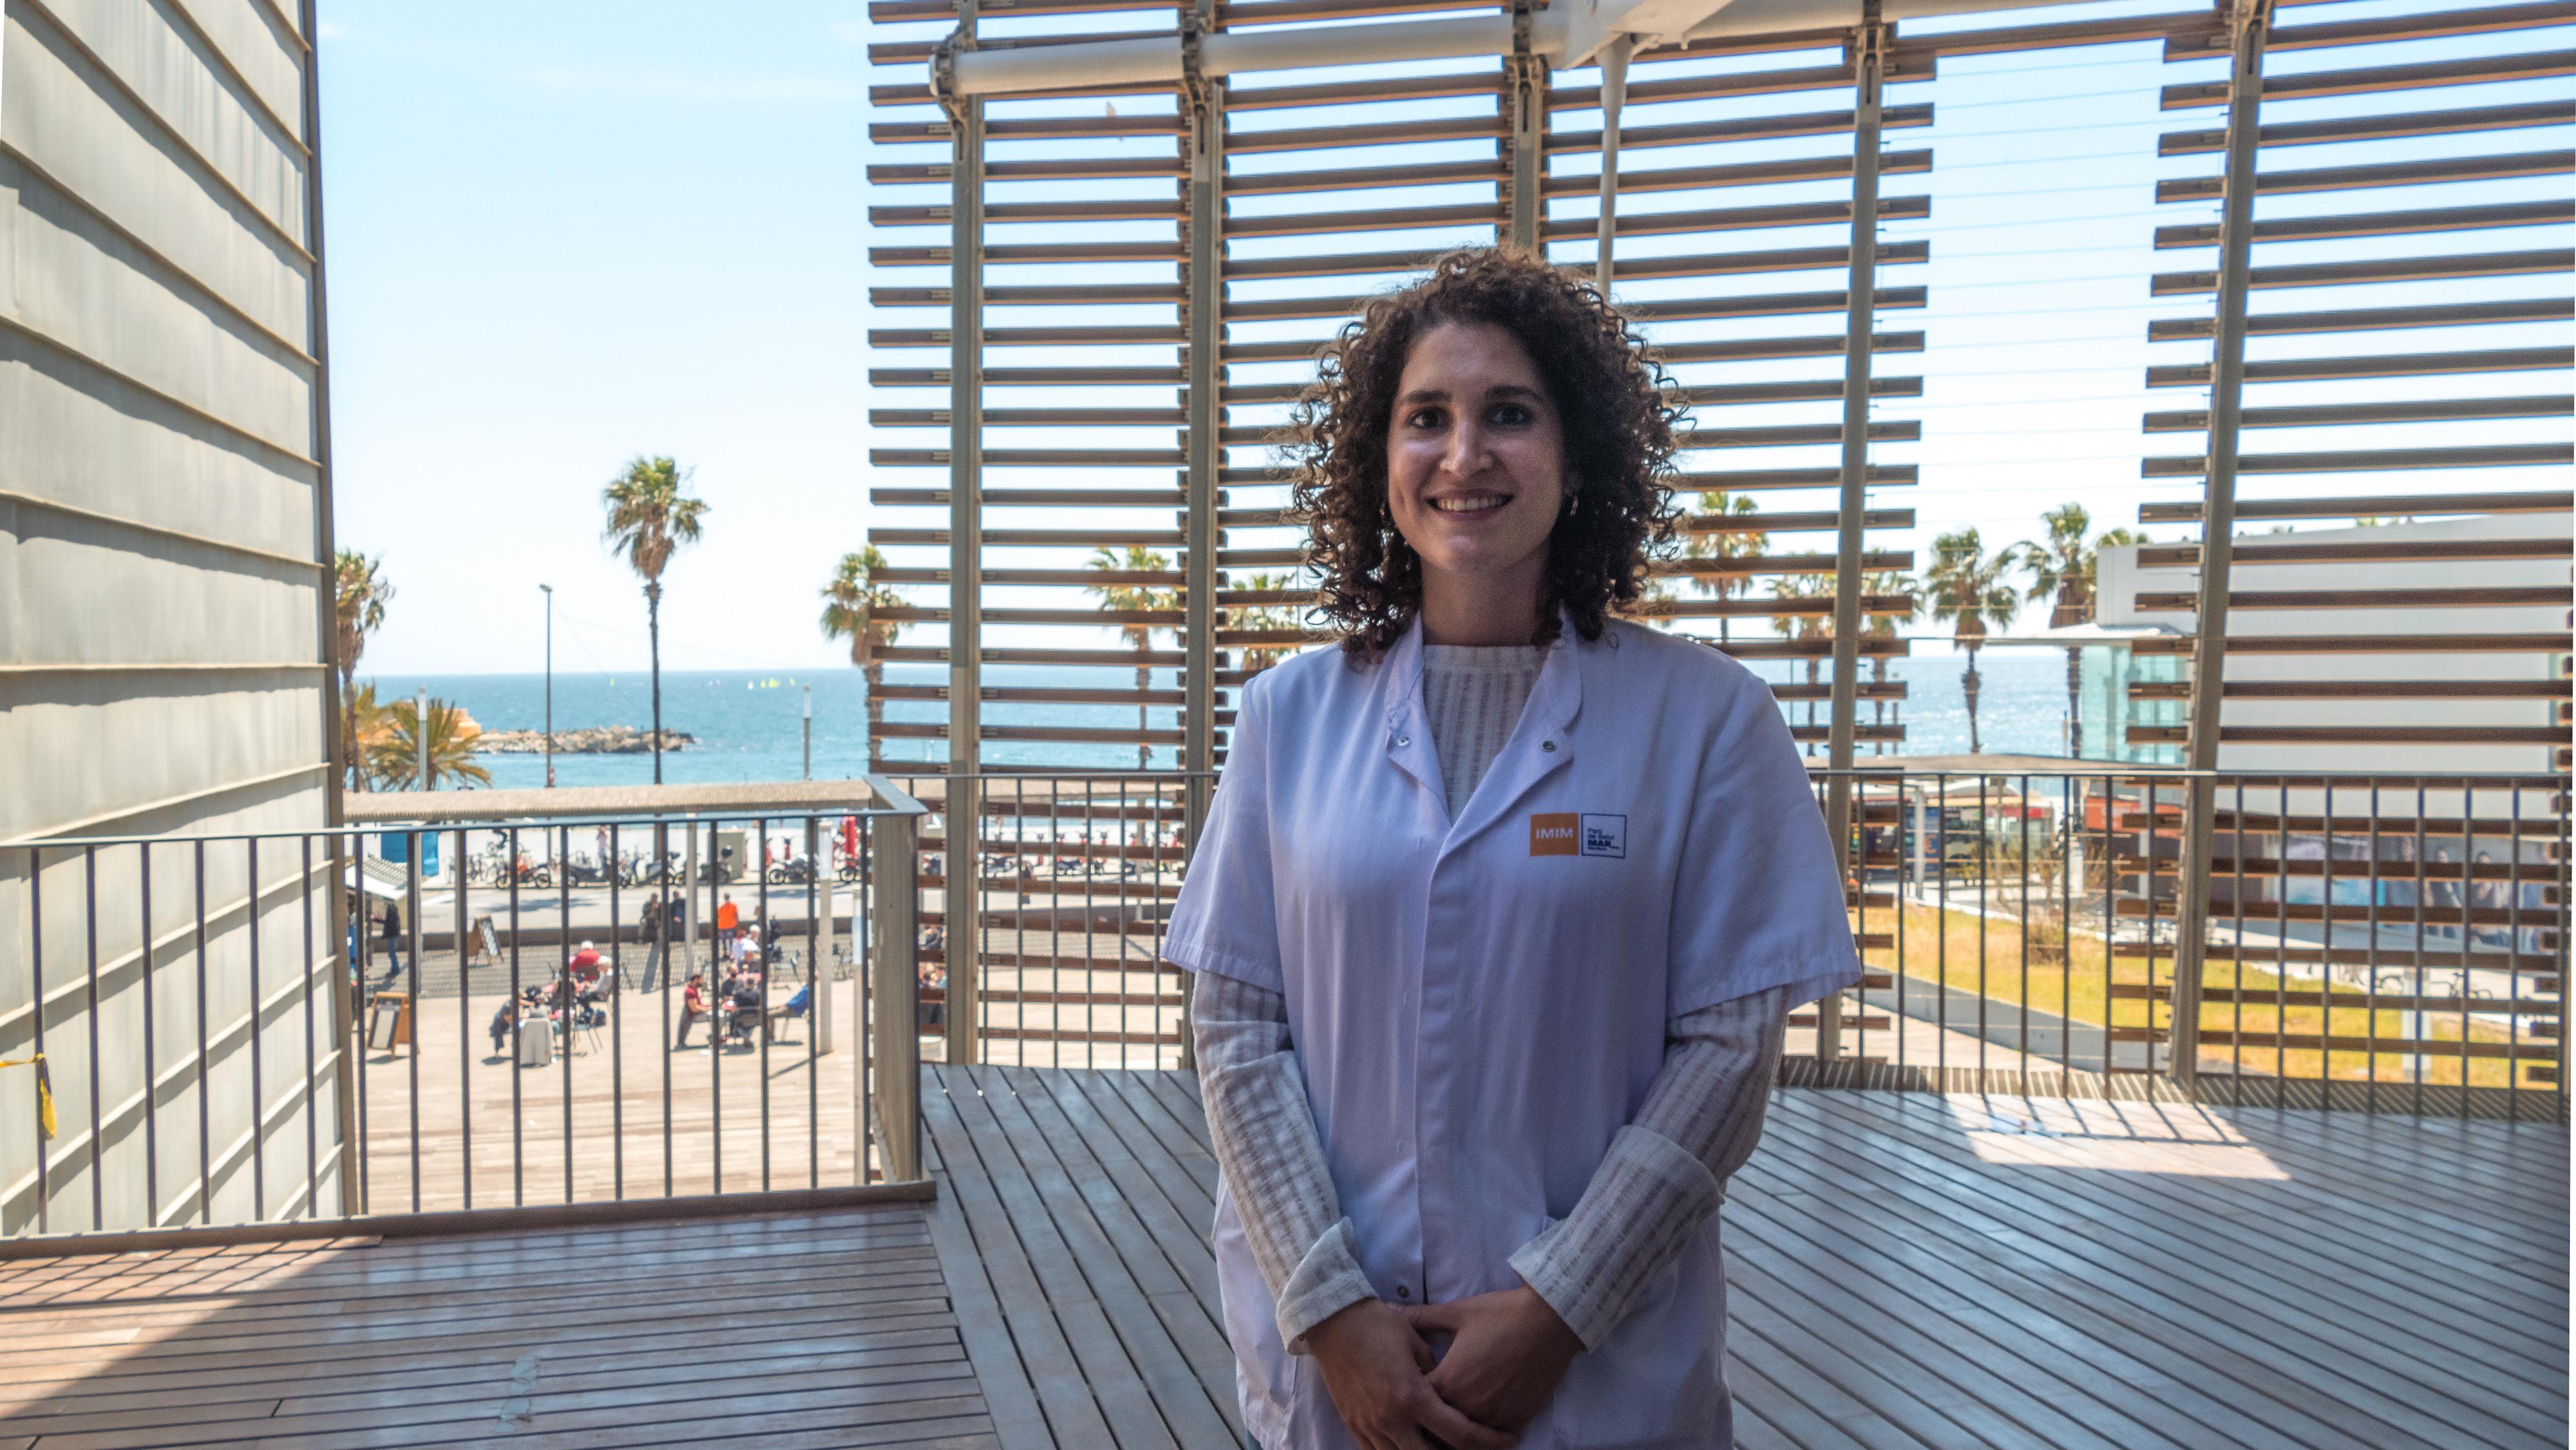 Iris L. Matilla Vaz es enfermera en la unidad de investigación clínica del IMIM, donde se realizan ensayos clínicos en fase I.